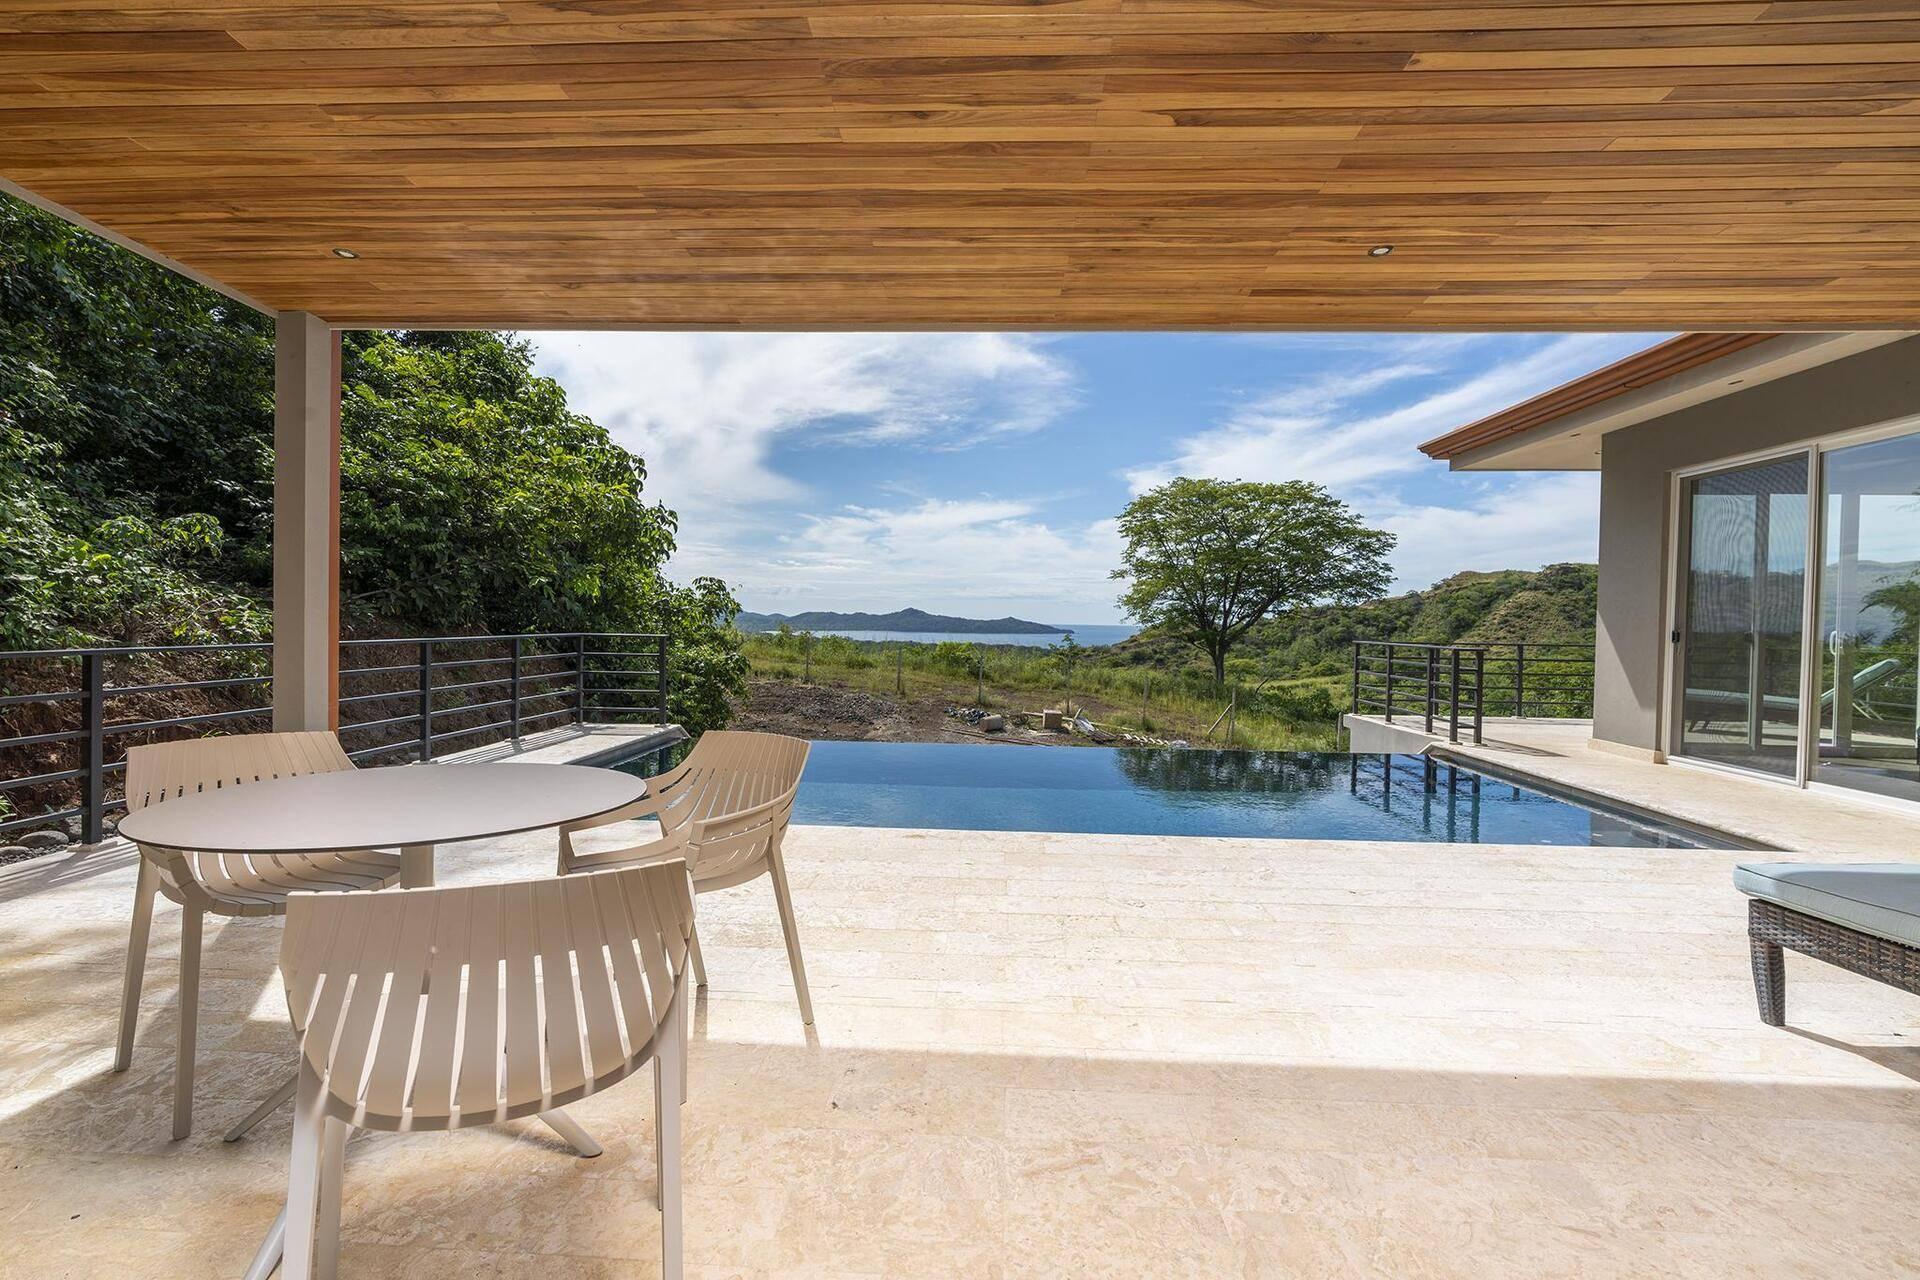 Casa Natura- A newer home located in the Mar Vista community